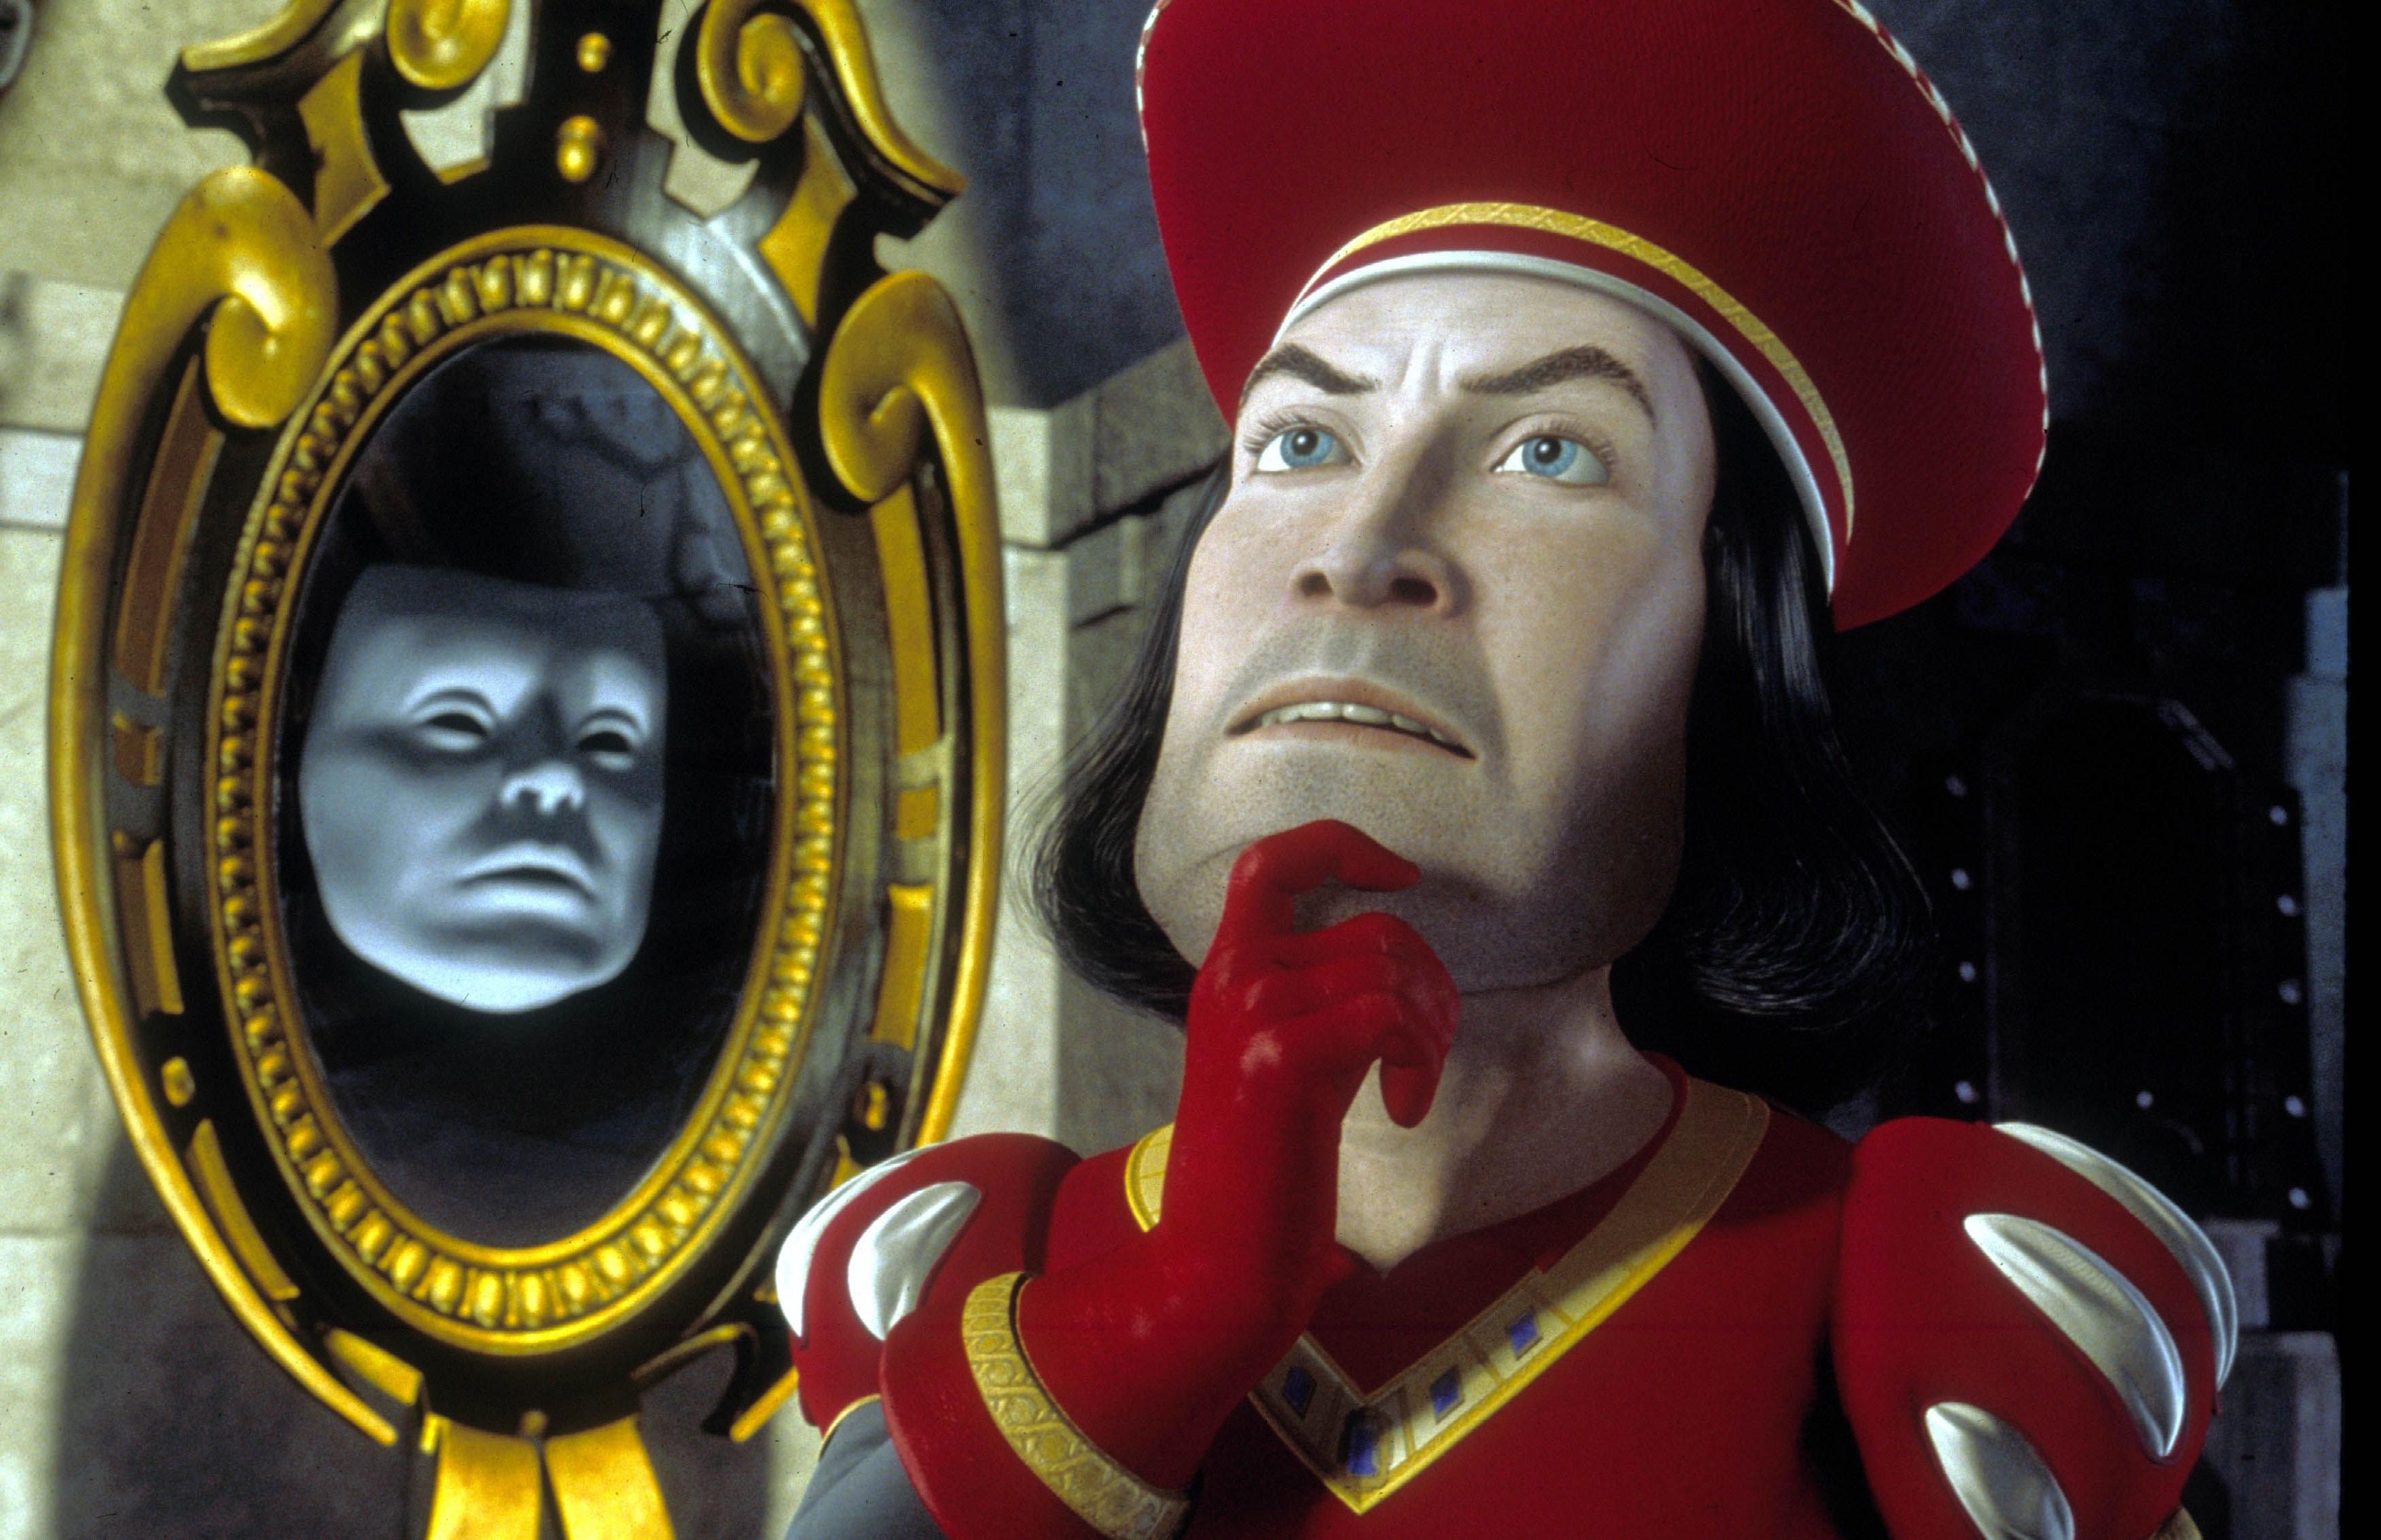 Lord Farquaad – Shrek | 10 Most Hilarious Movie Villains | Brain Berries